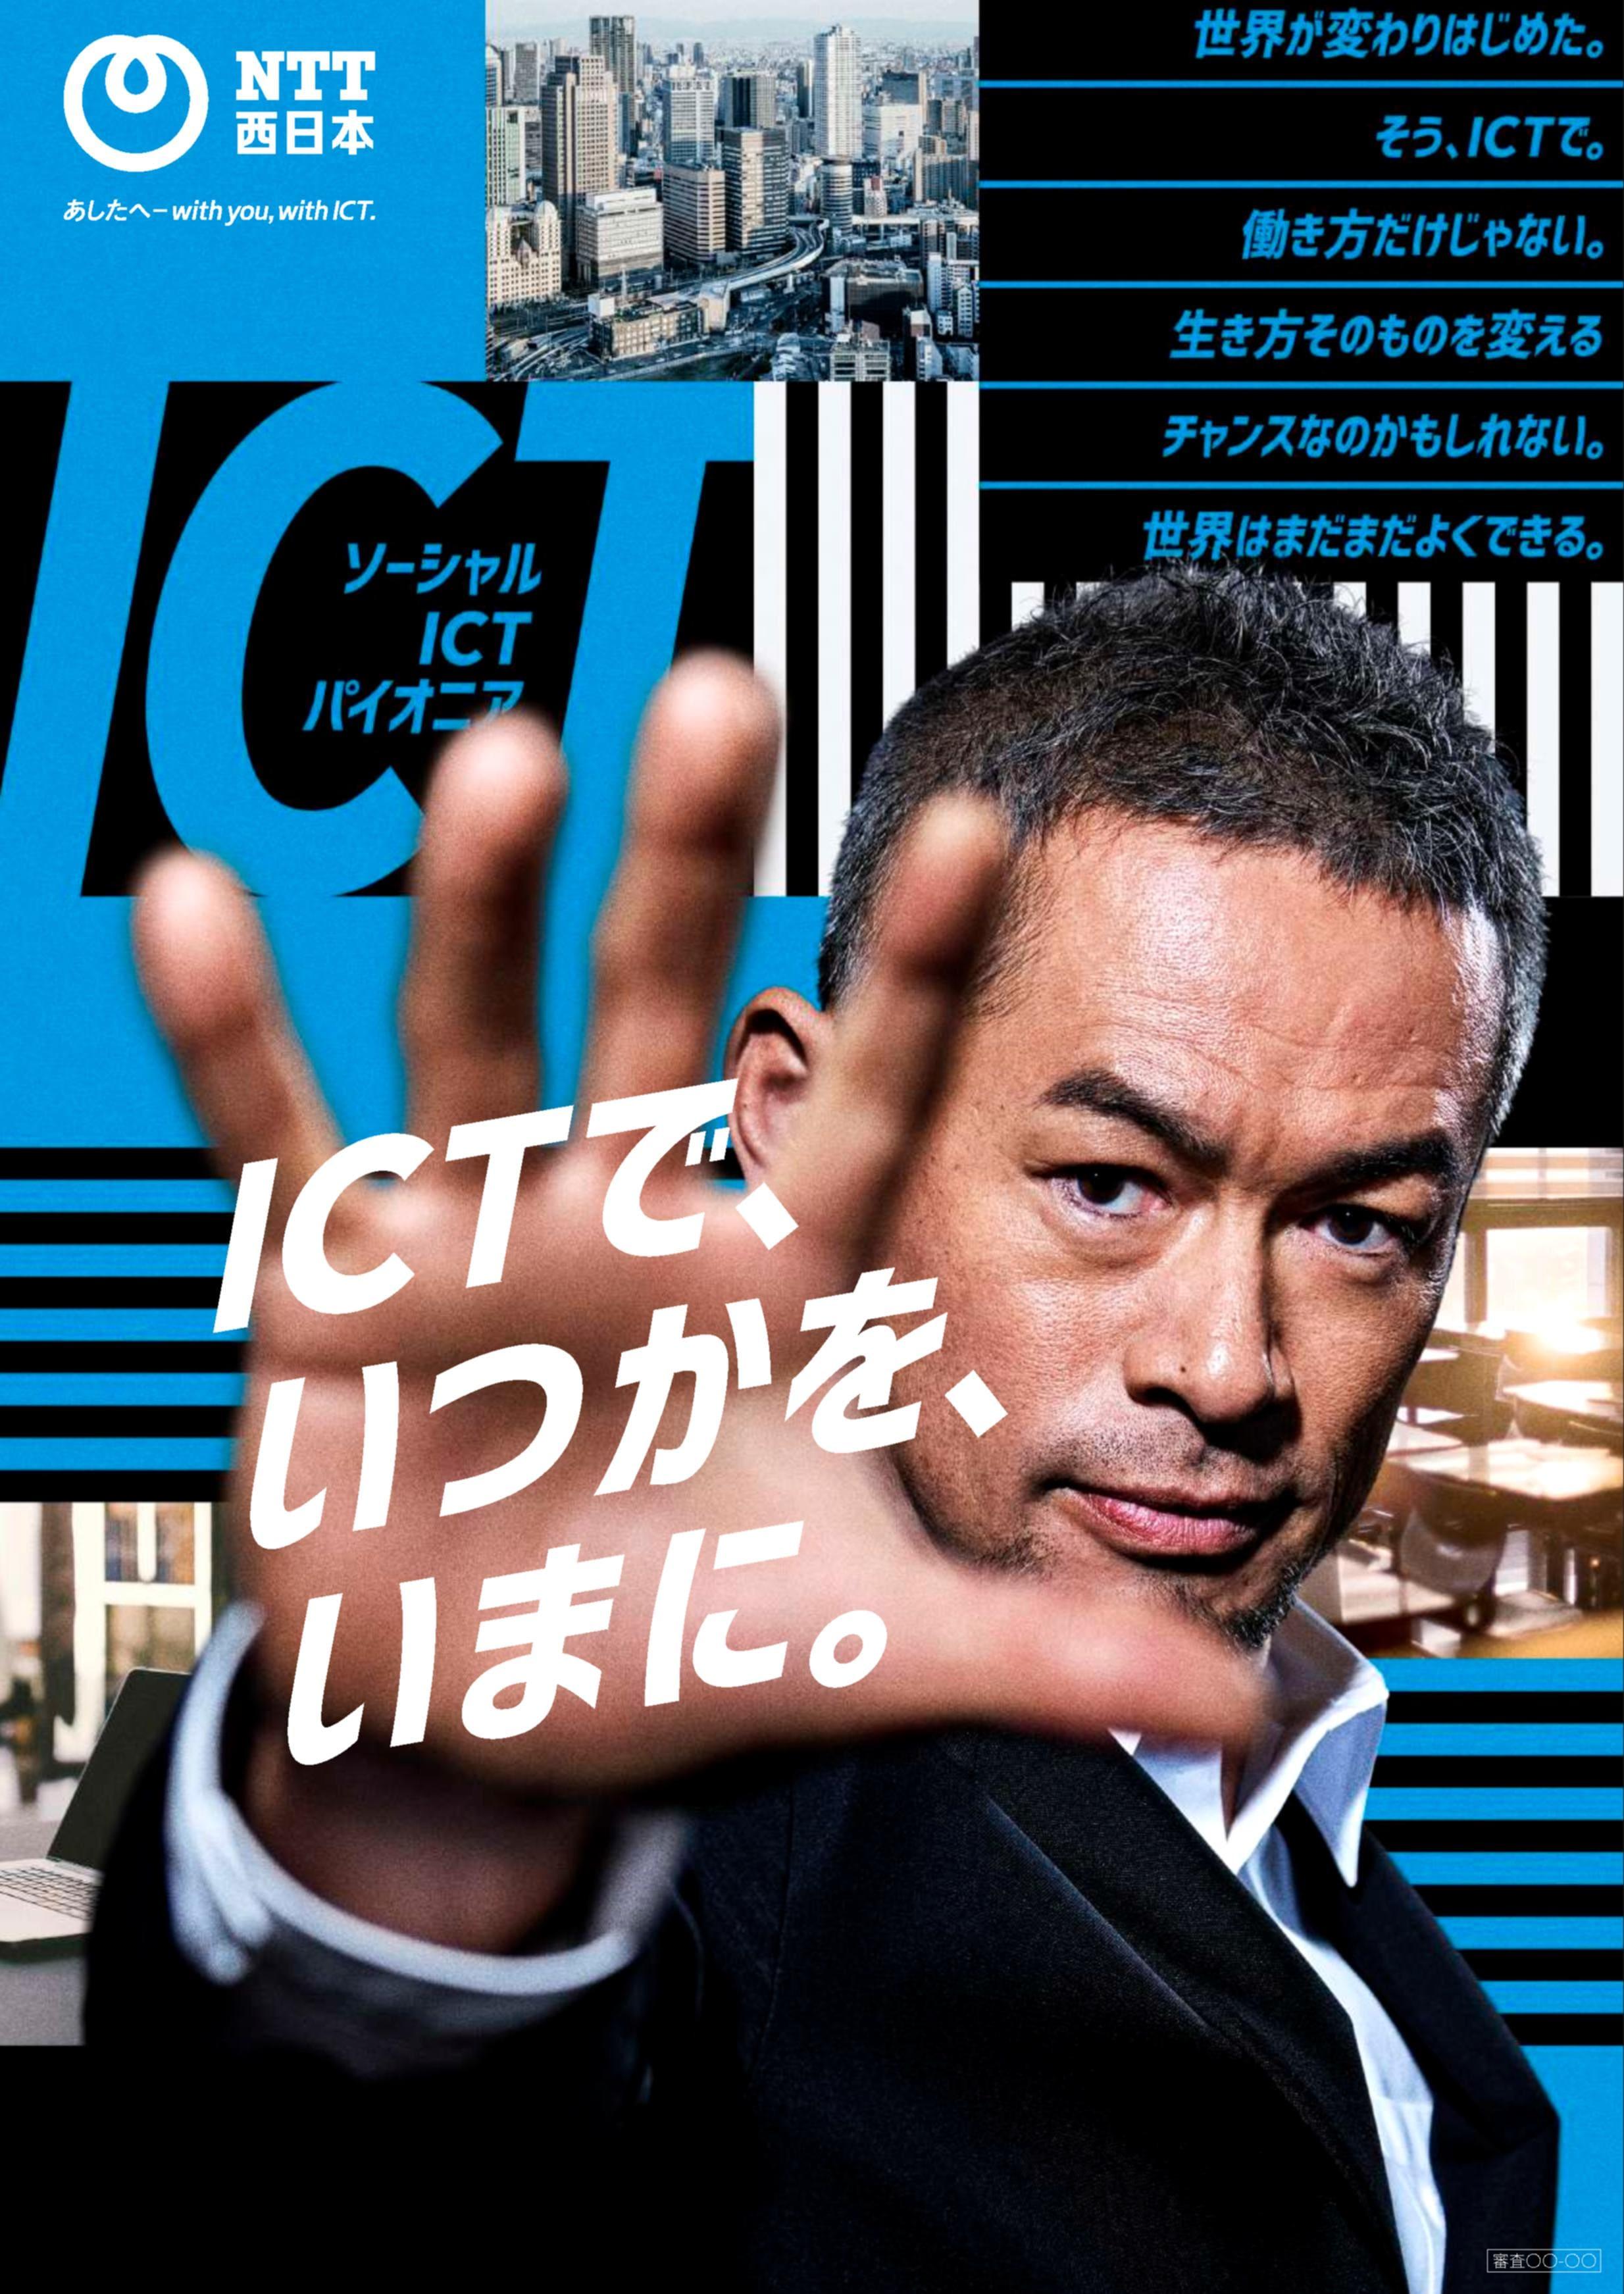 NTT西日本<企業広告>2005年~